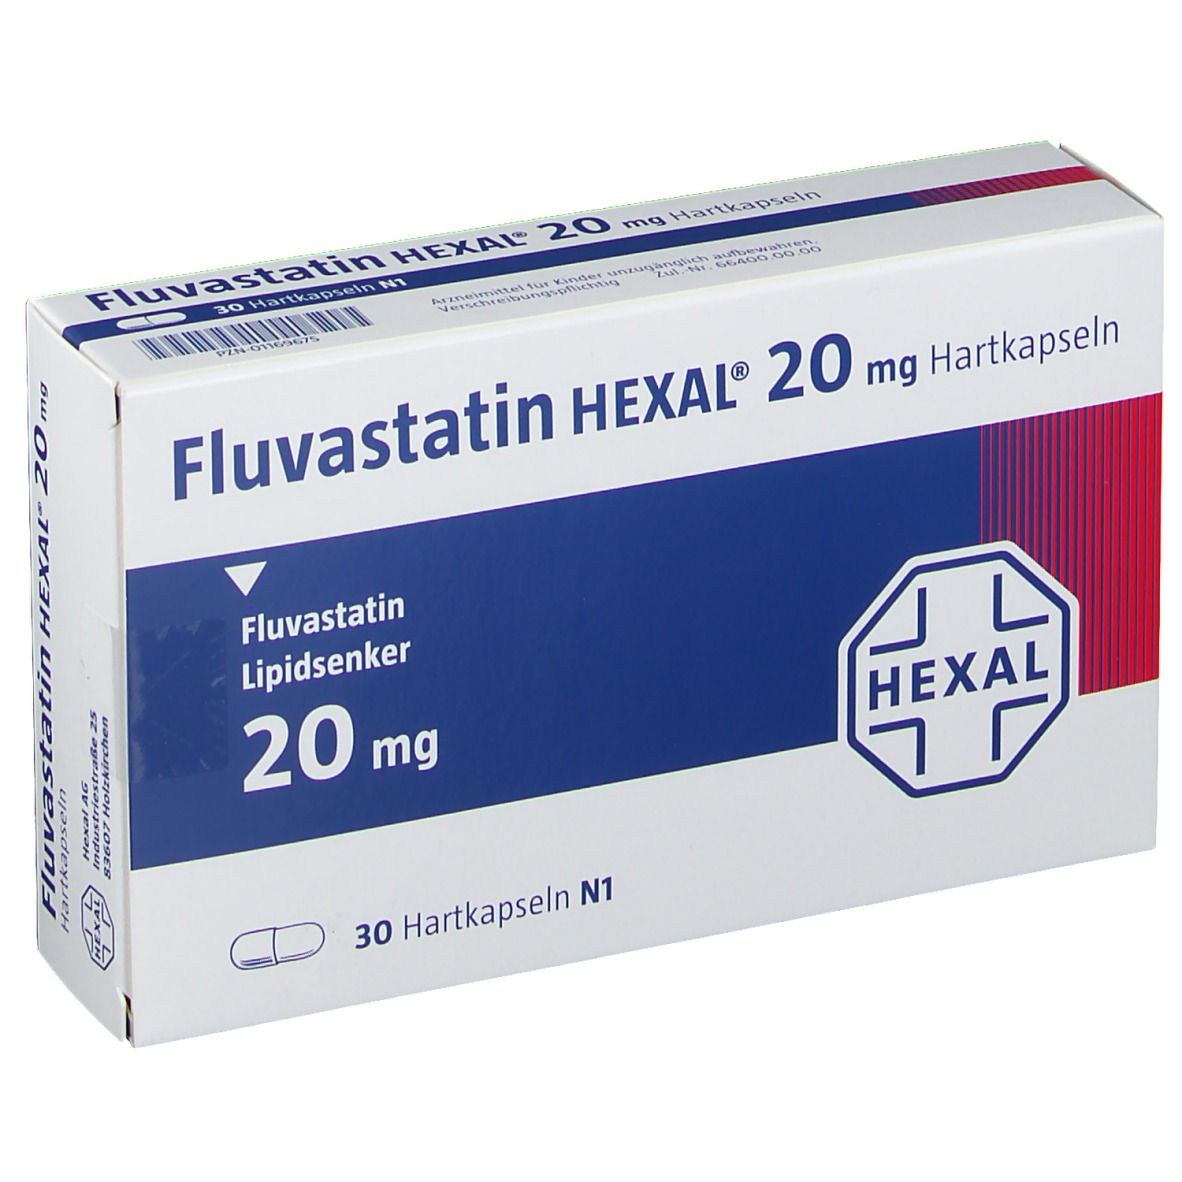 FLUVASTATIN HEXAL 20 mg Hartkapseln